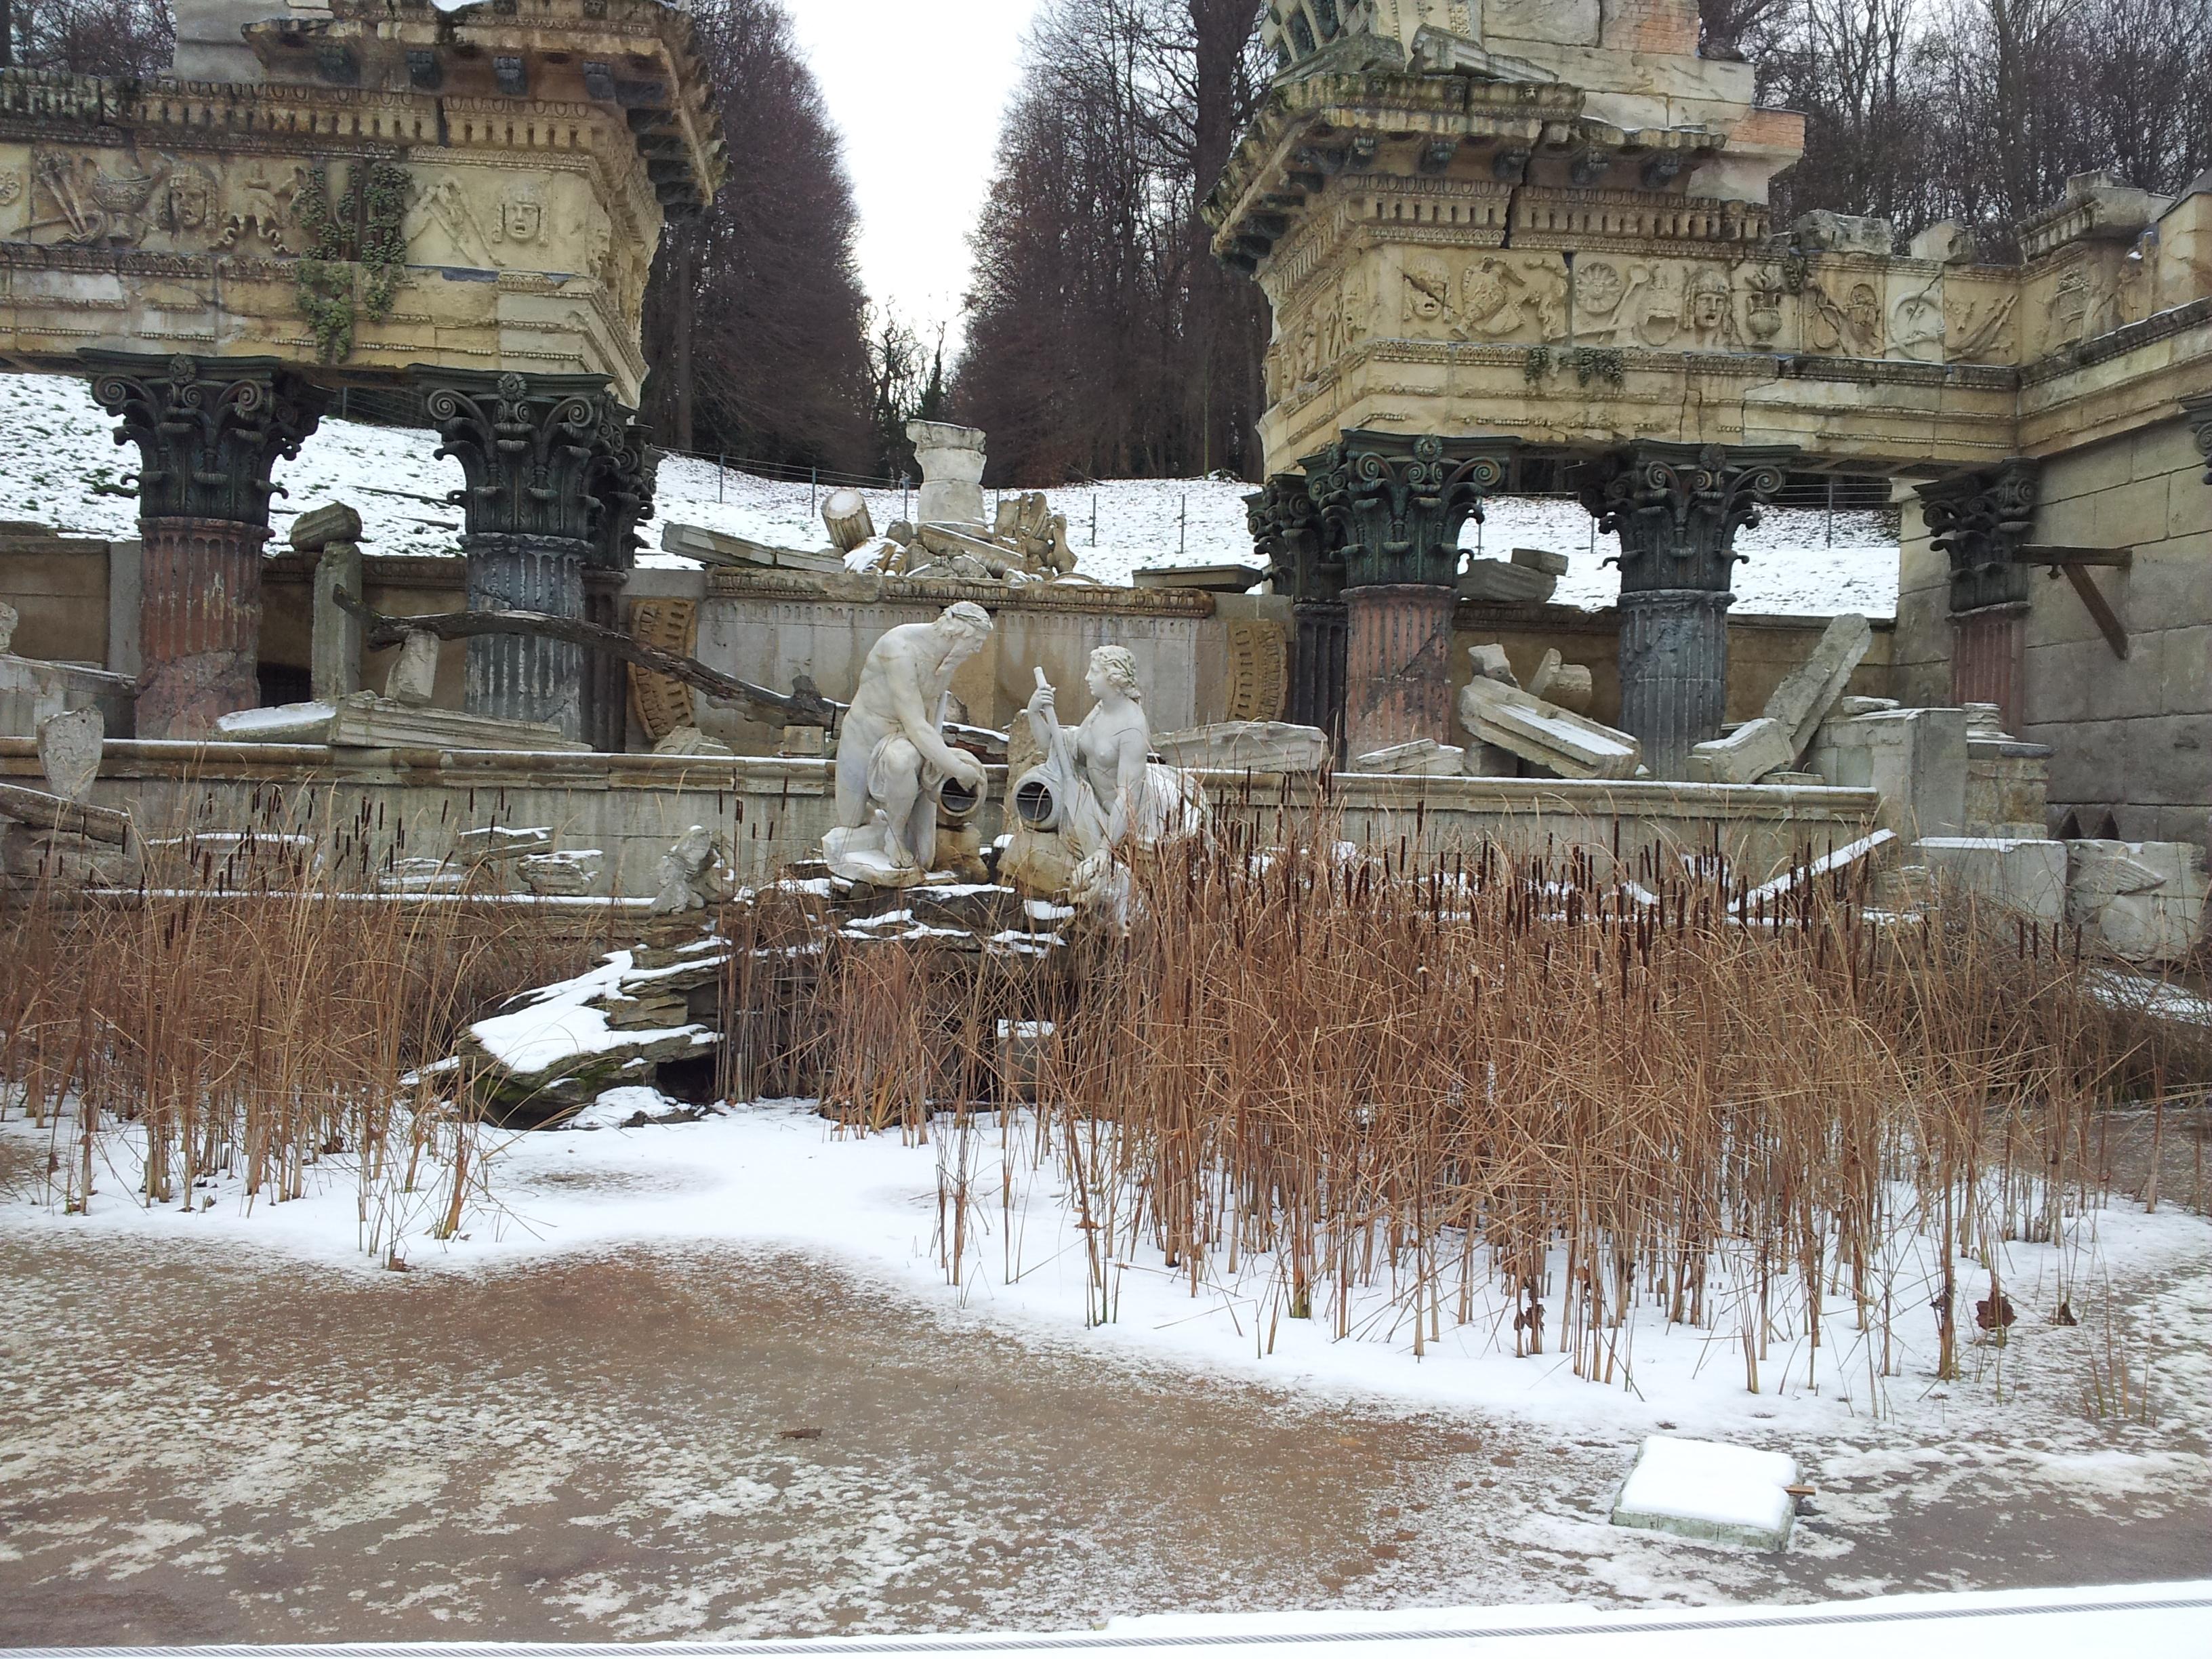 Römische Ruine nah